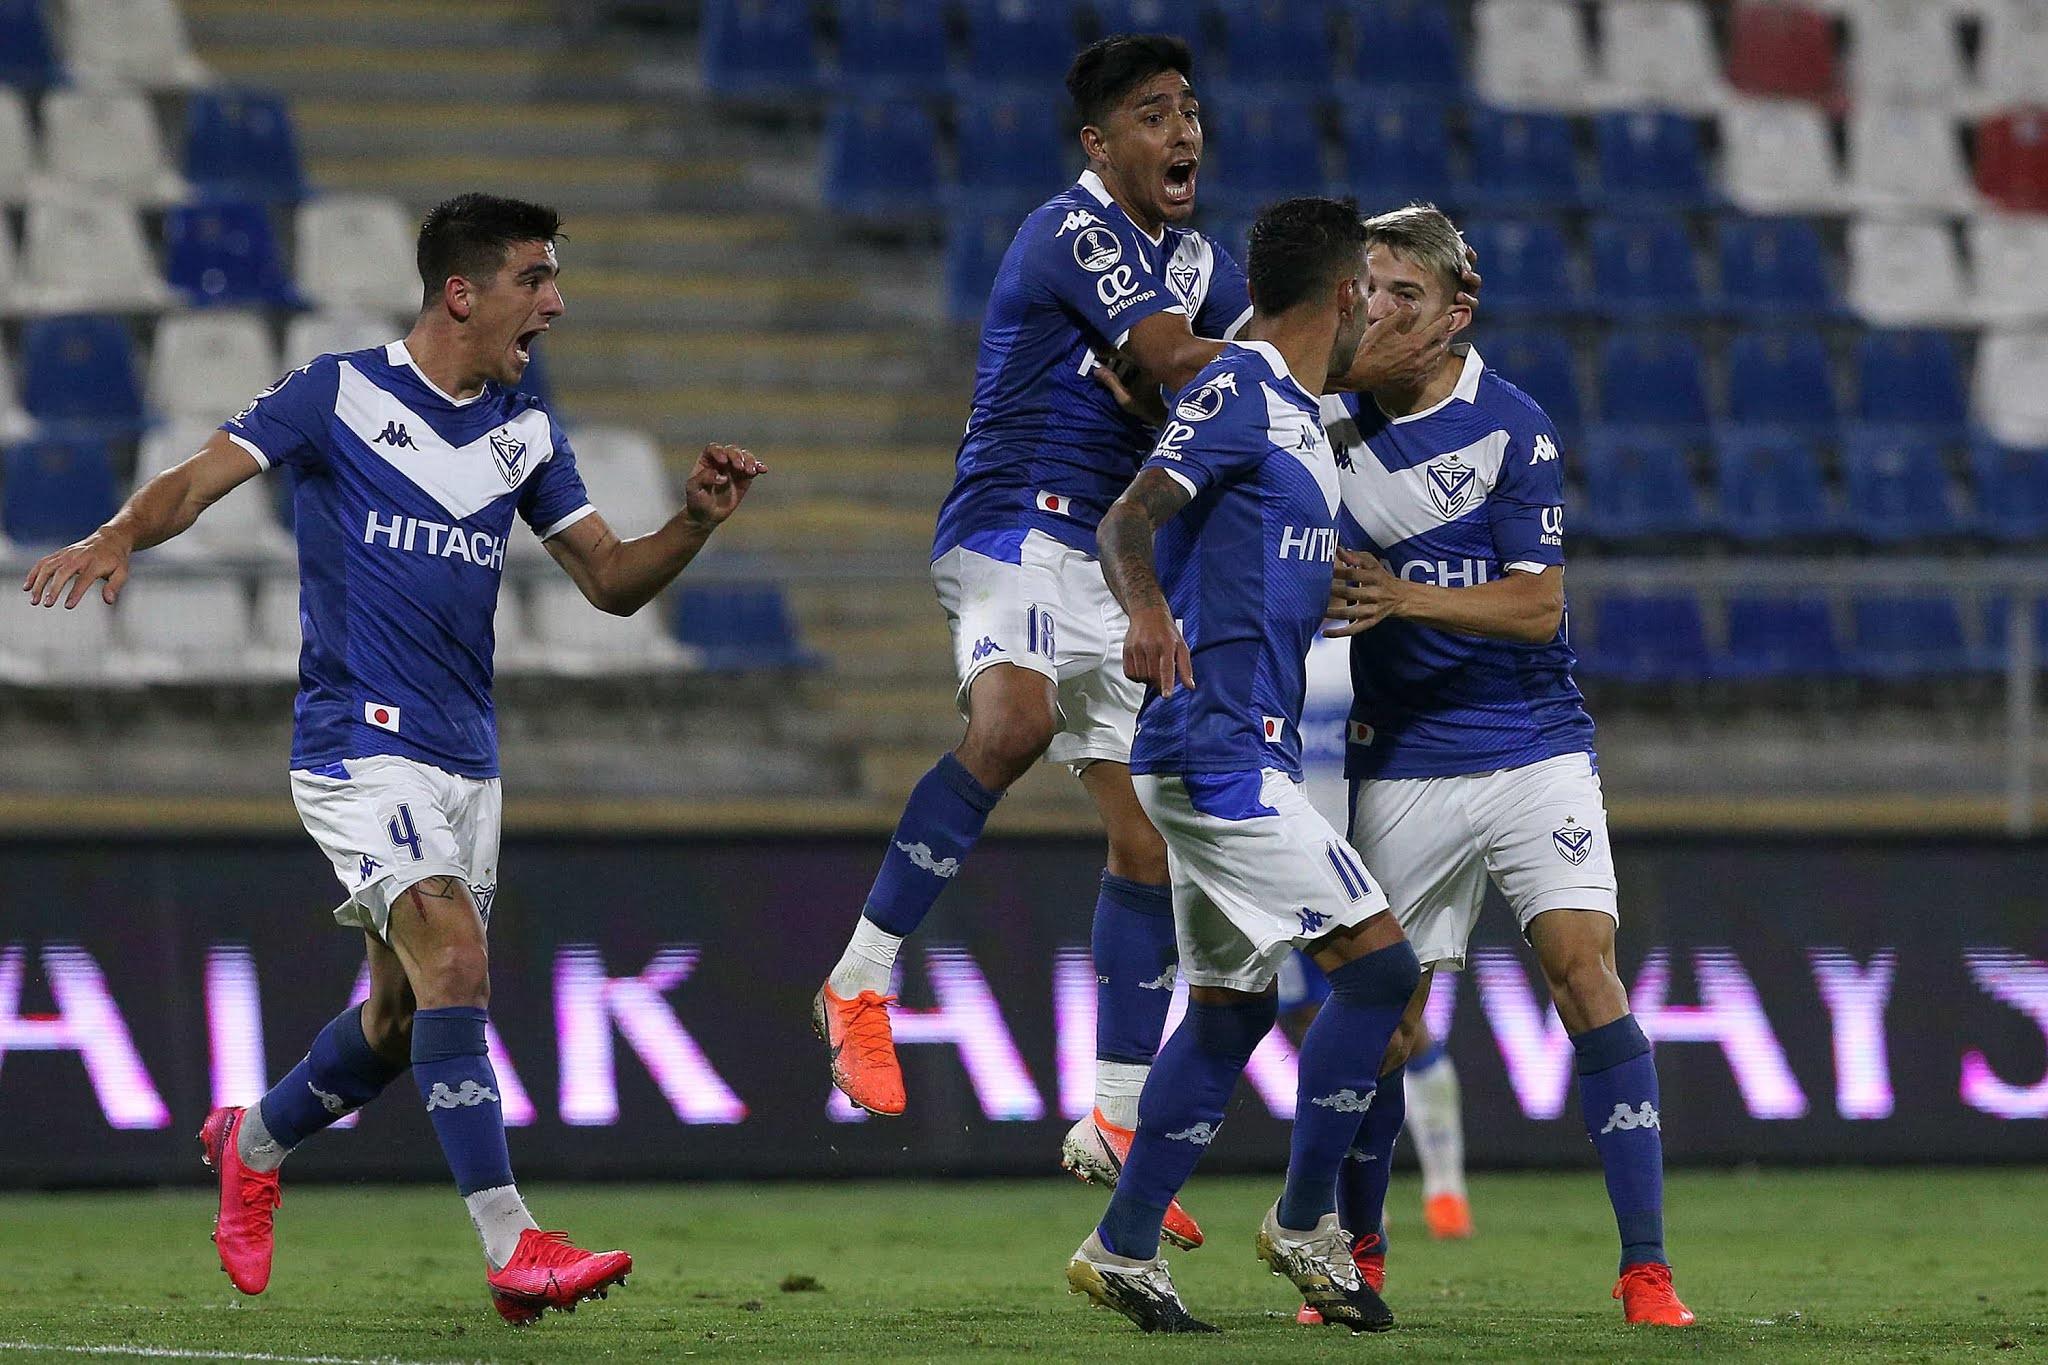 Vélez se clasificó a semifinales de Sudamericana en el descuento y jugará con Lanús o Independiiente